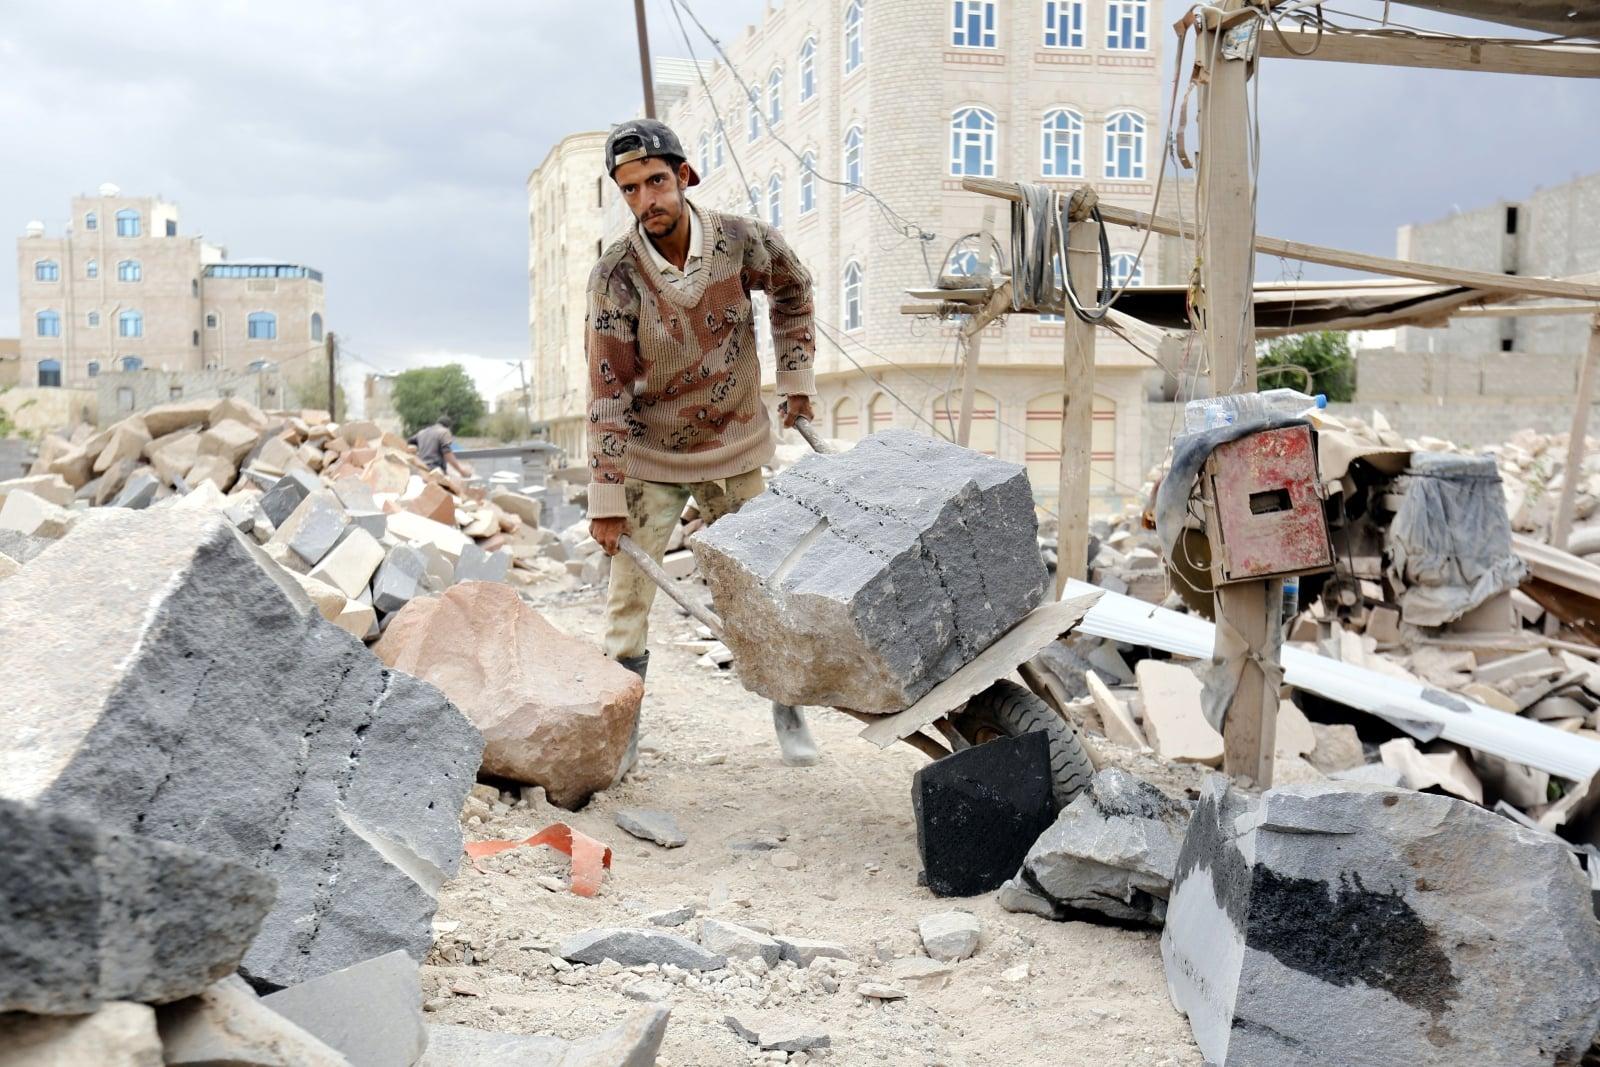 Jemen  EPA/YAHYA ARHAB